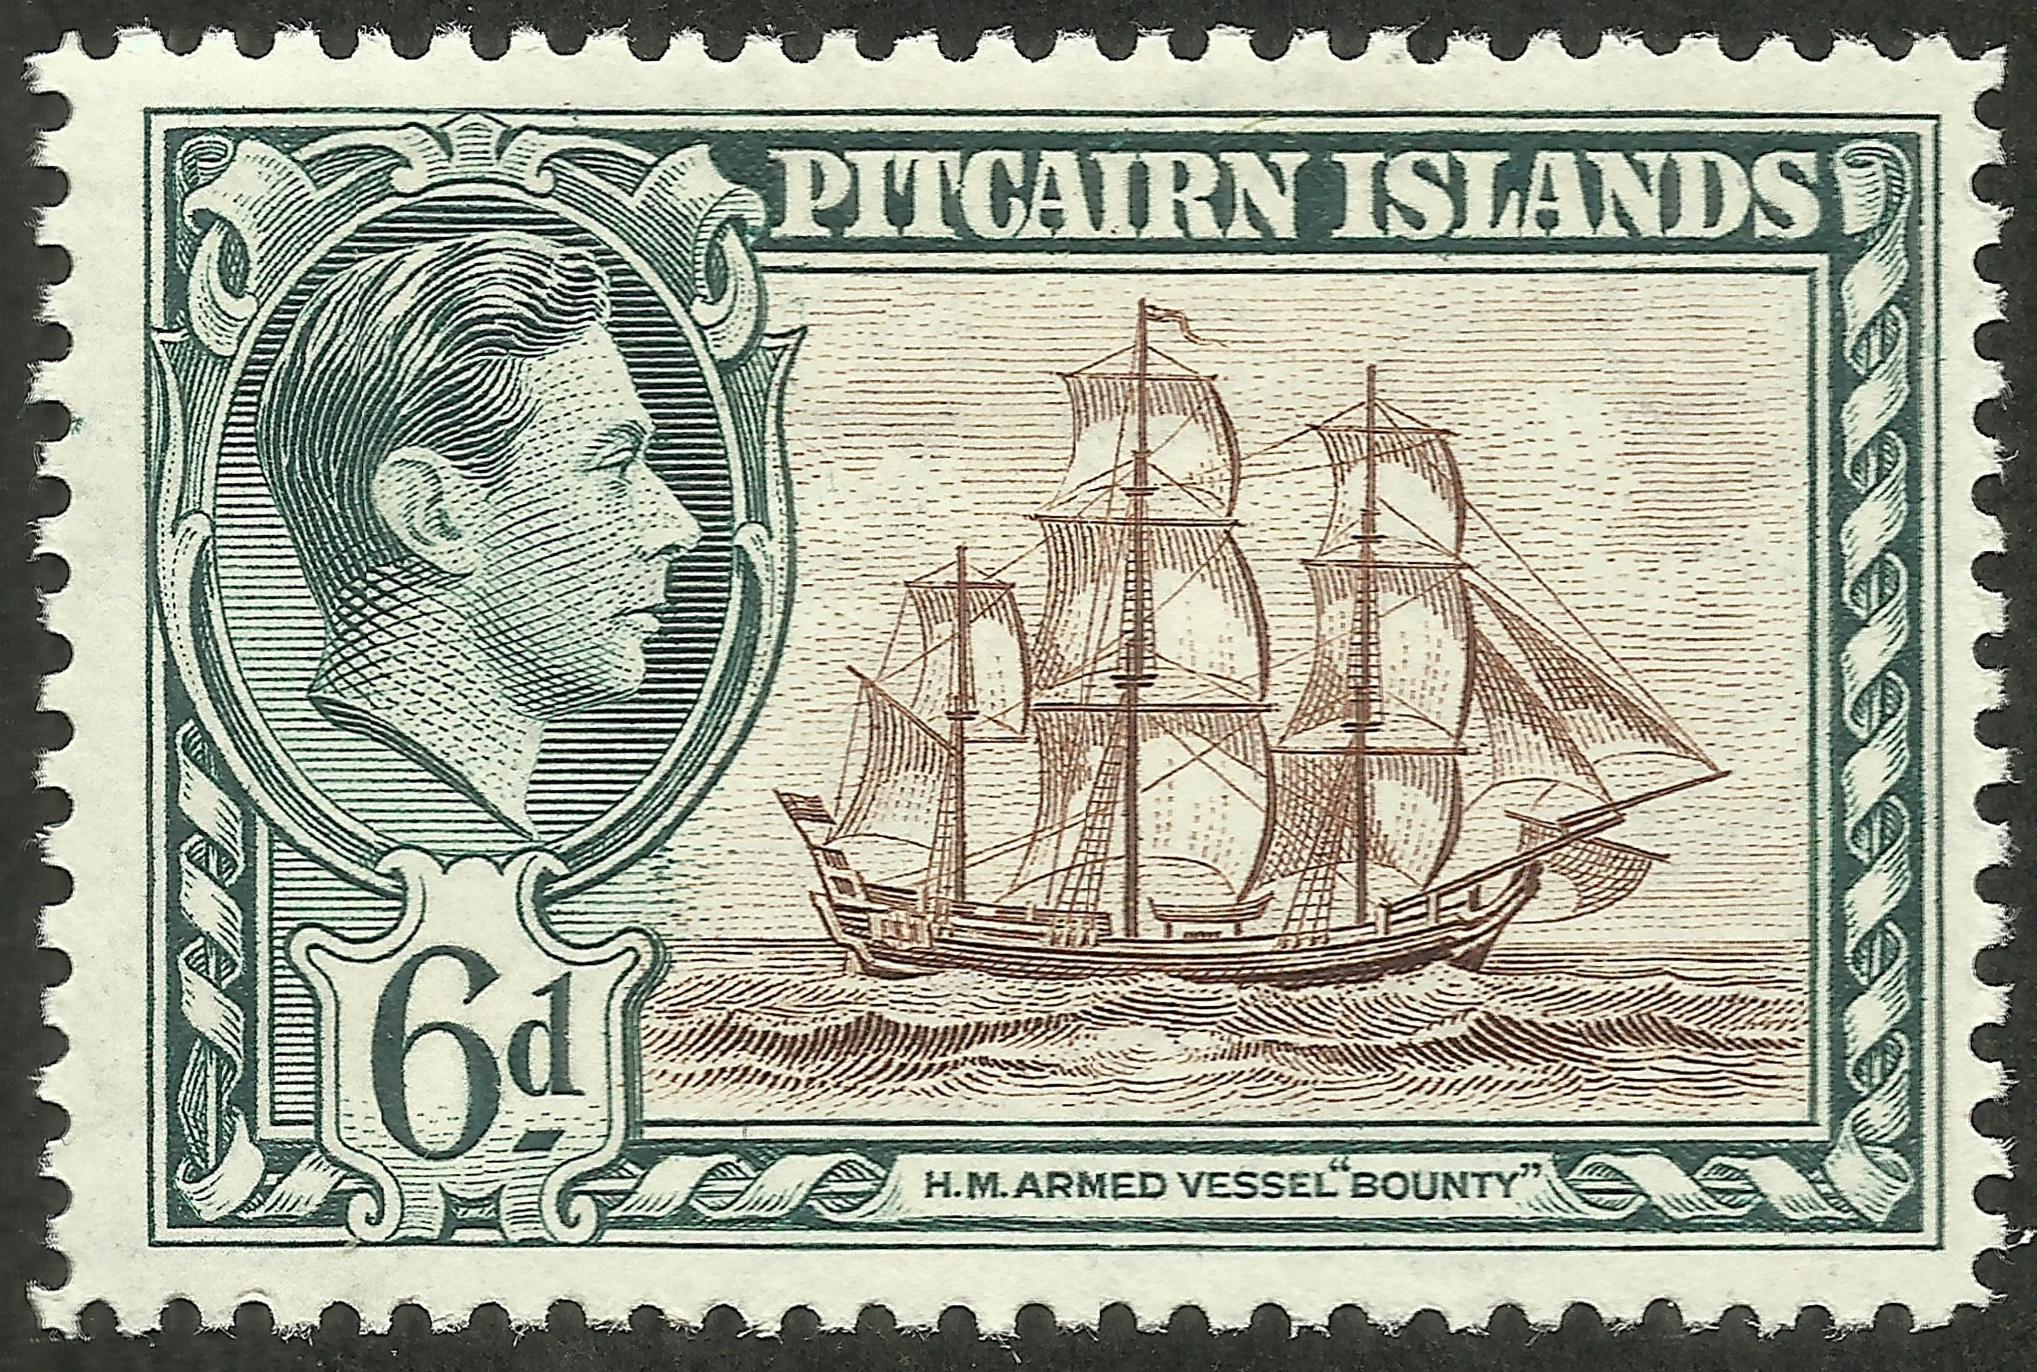 Pitcairn Islands - Scott #6 (1940)